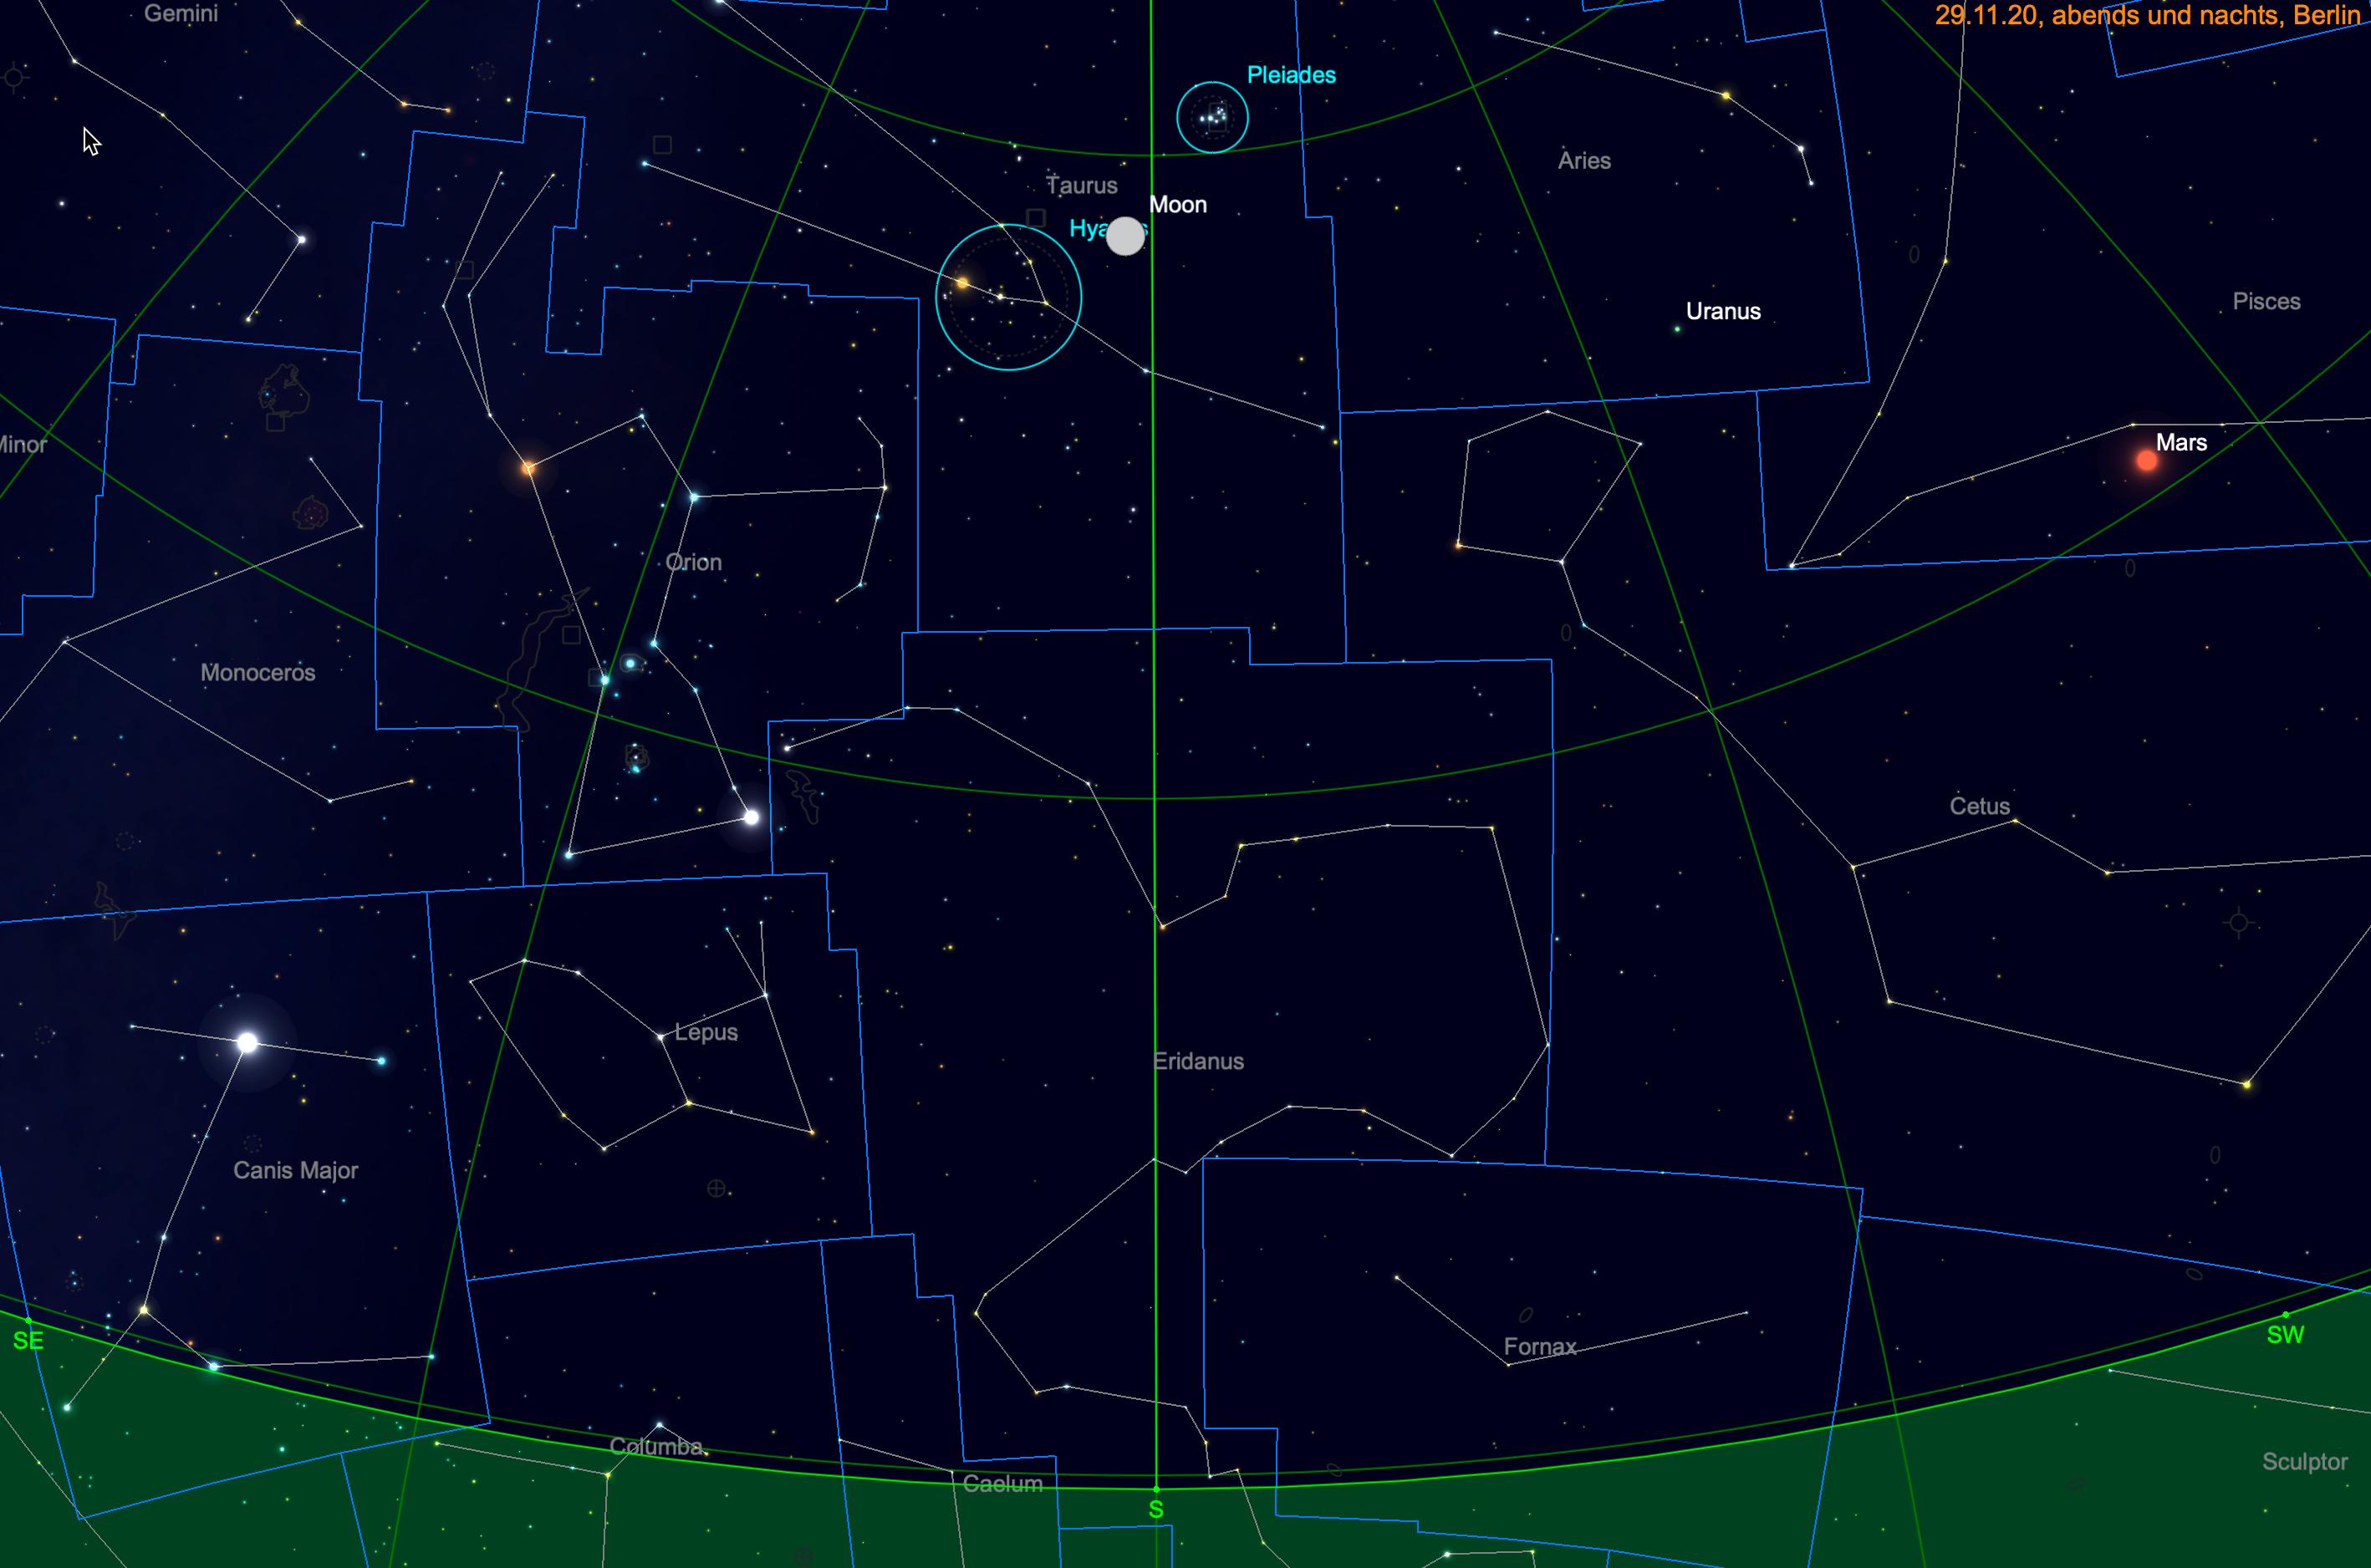 Mond zwischen Plejaden und Hyaden